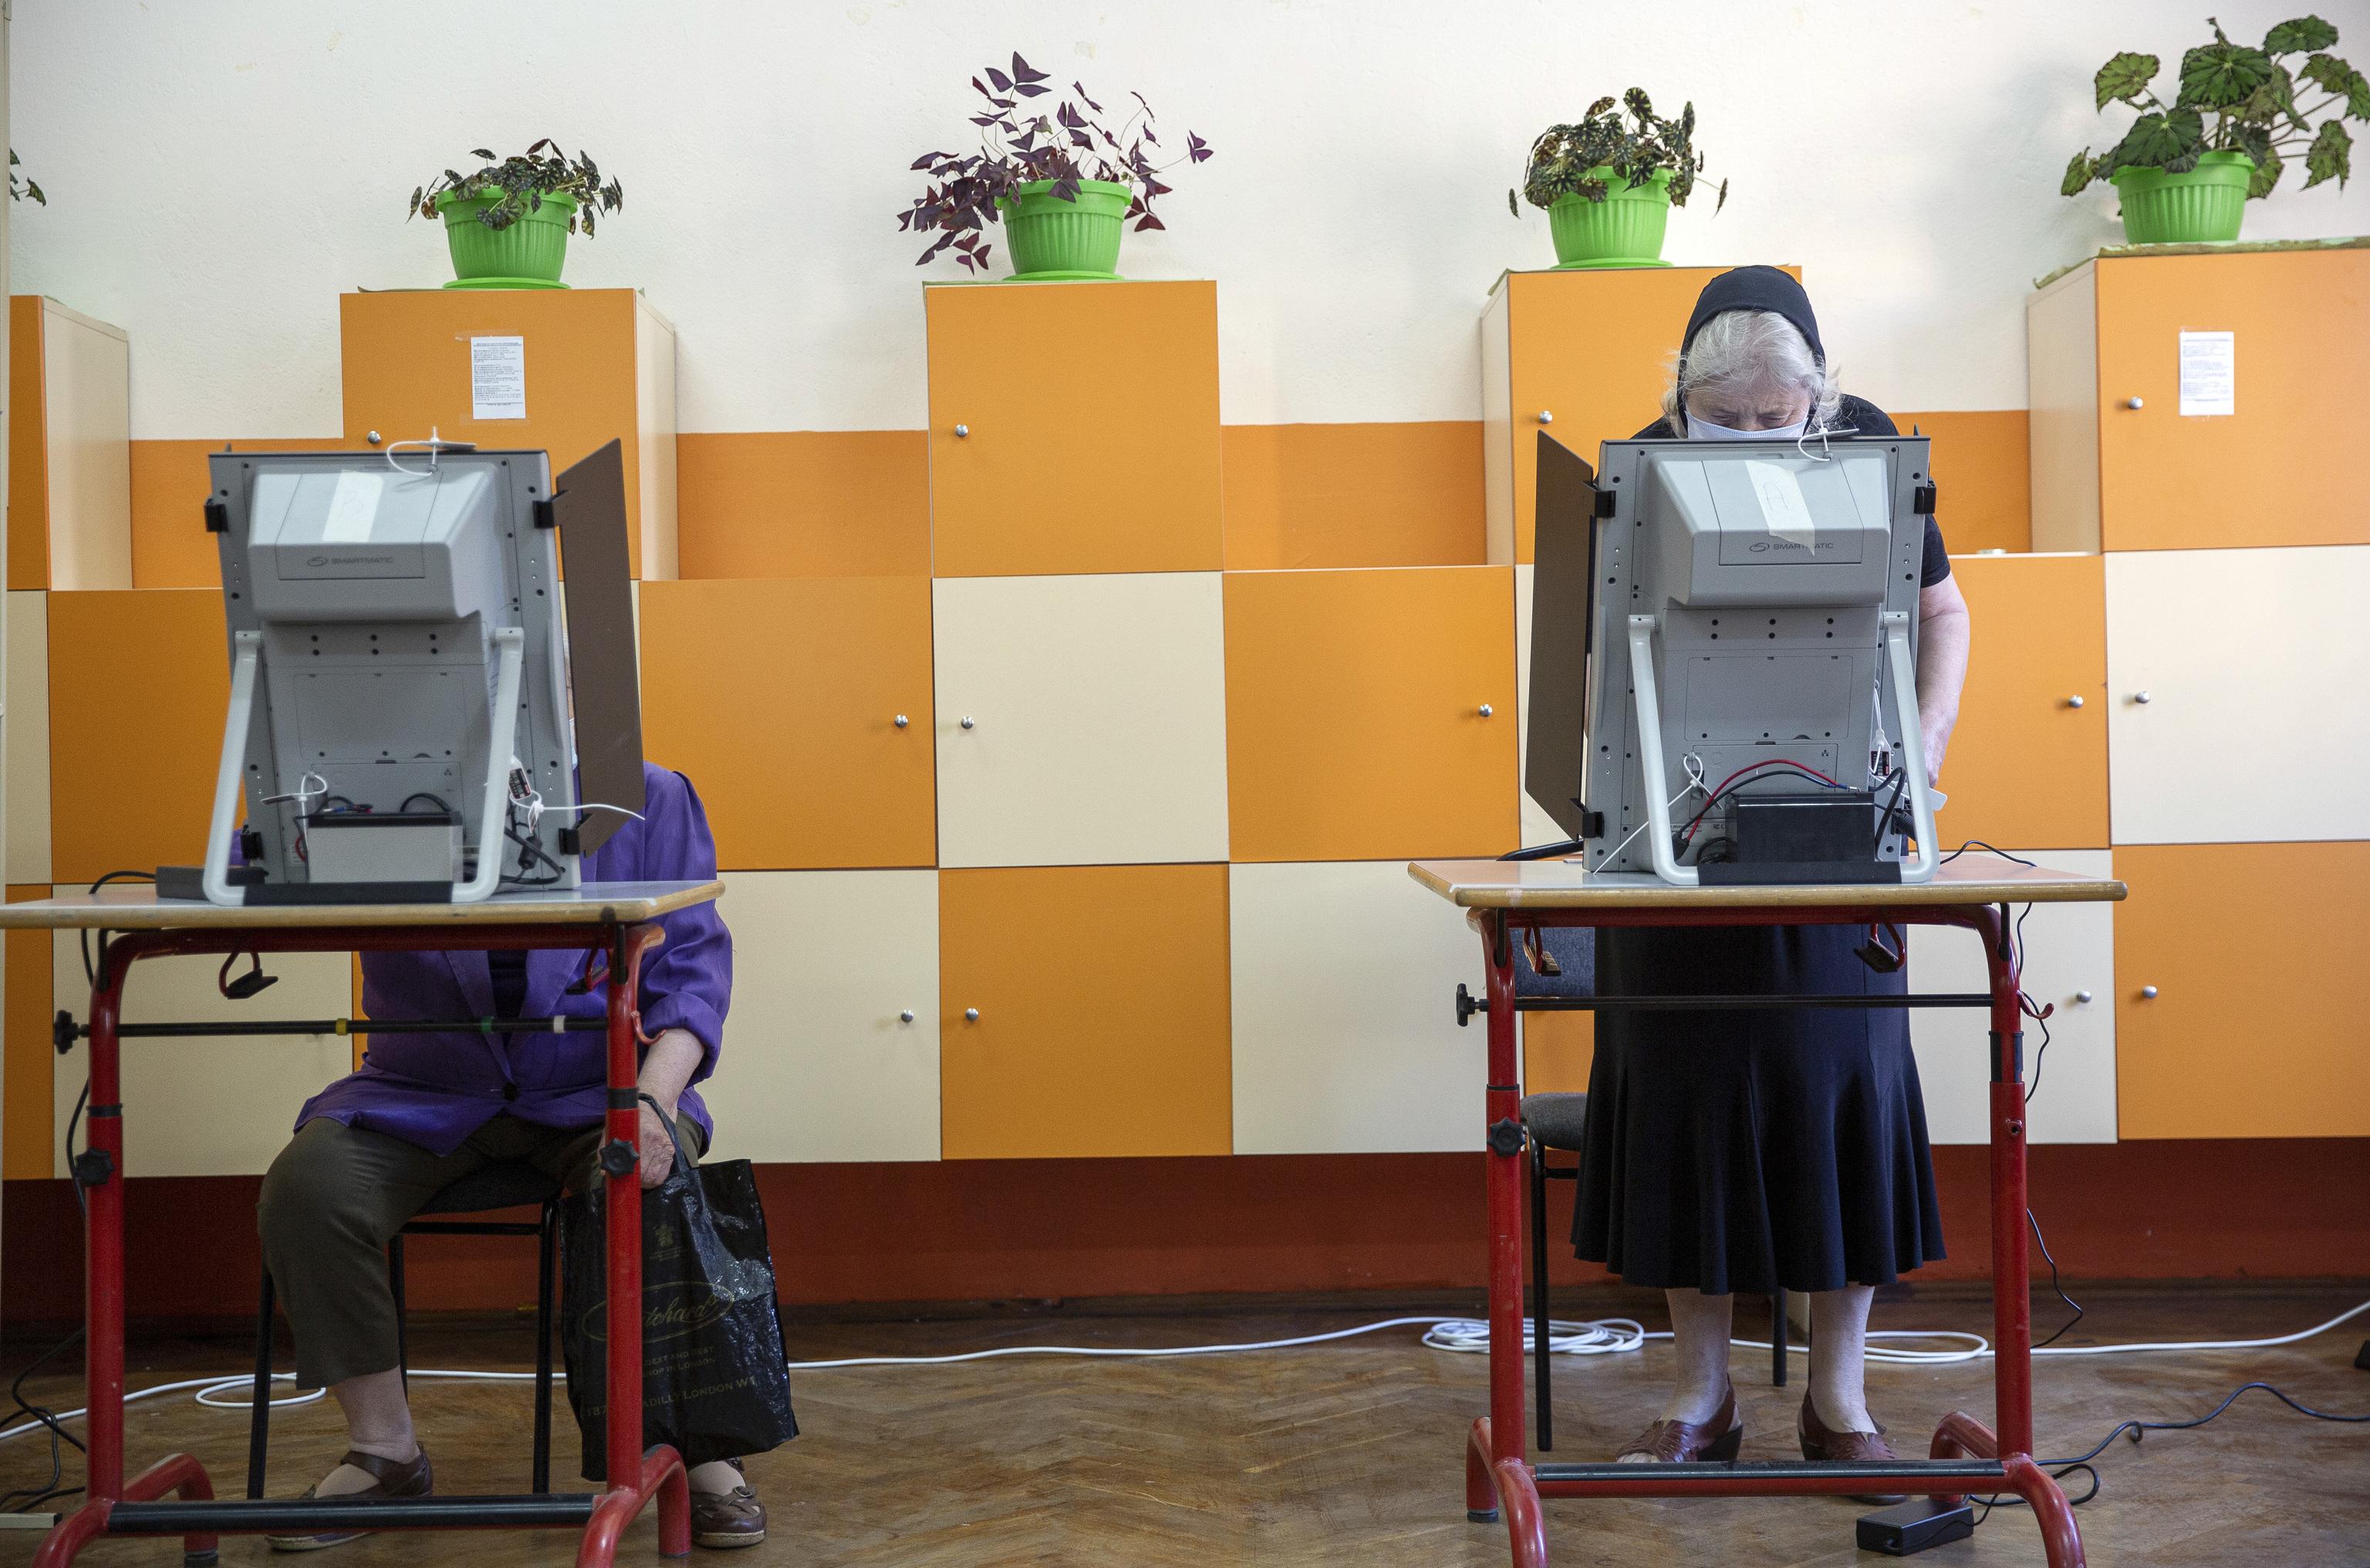 Búlgaros depositan su voto en máquinas en la ciudad de Bankya, cerca de Sofia.